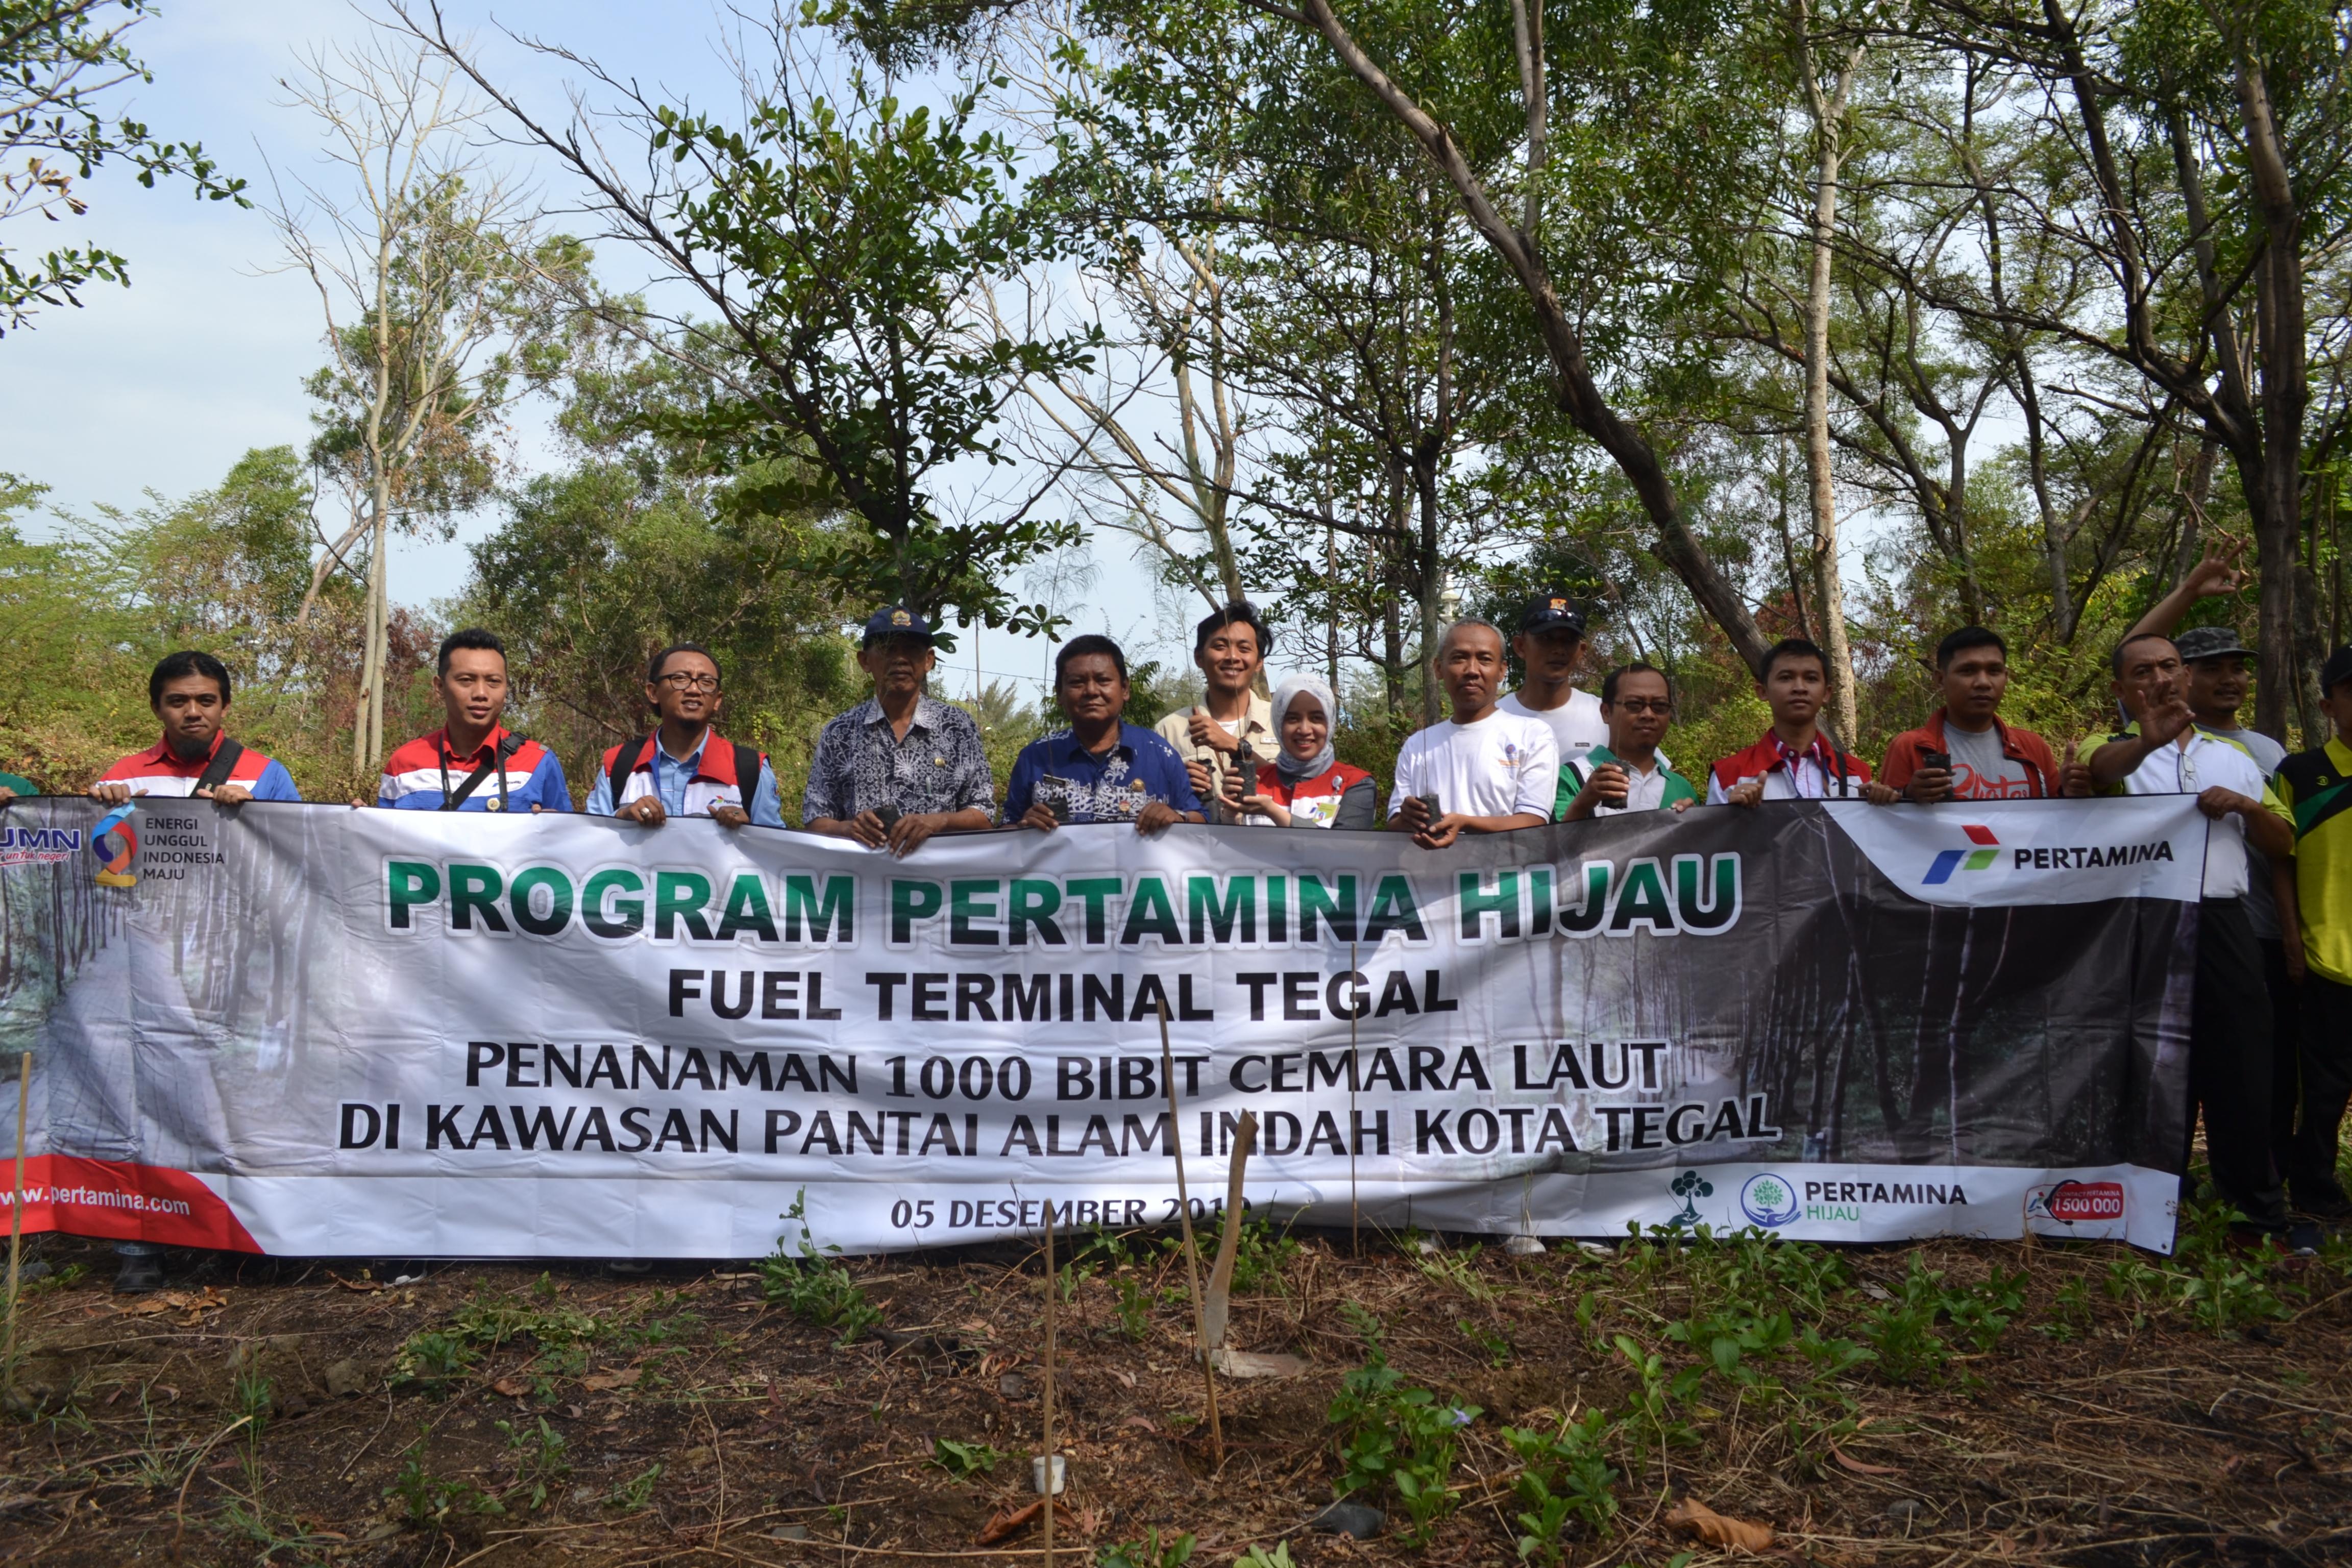 TBBM Pertamina Tegal bersama DLH Kota Tegal dan Dinas Pariwisata Kota Tegal sebagai rangkaian aksi program pertamina hijau